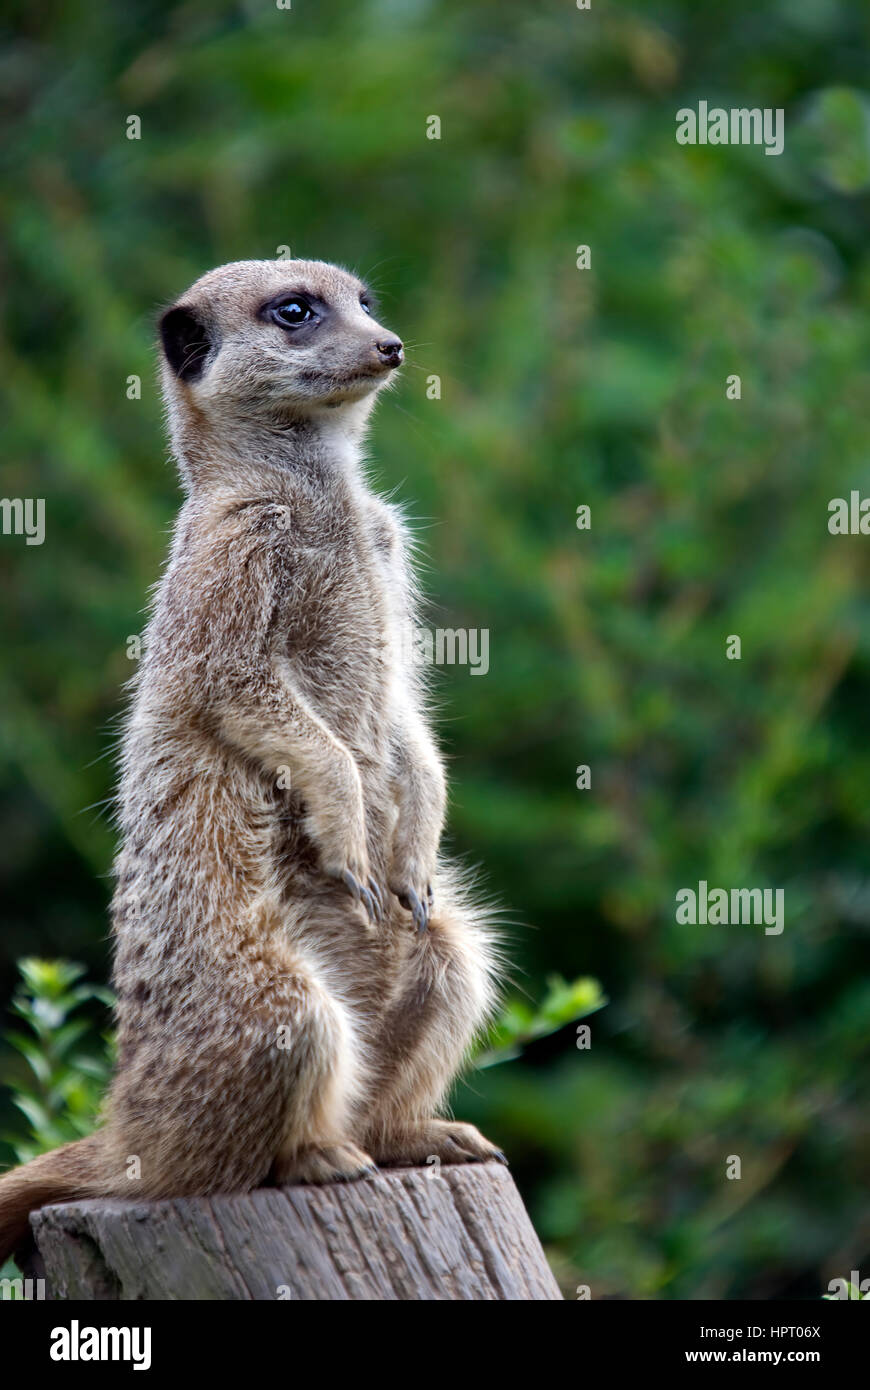 Meerkat Sitting On A Tree Stump - Suricata suricatta - Stock Image